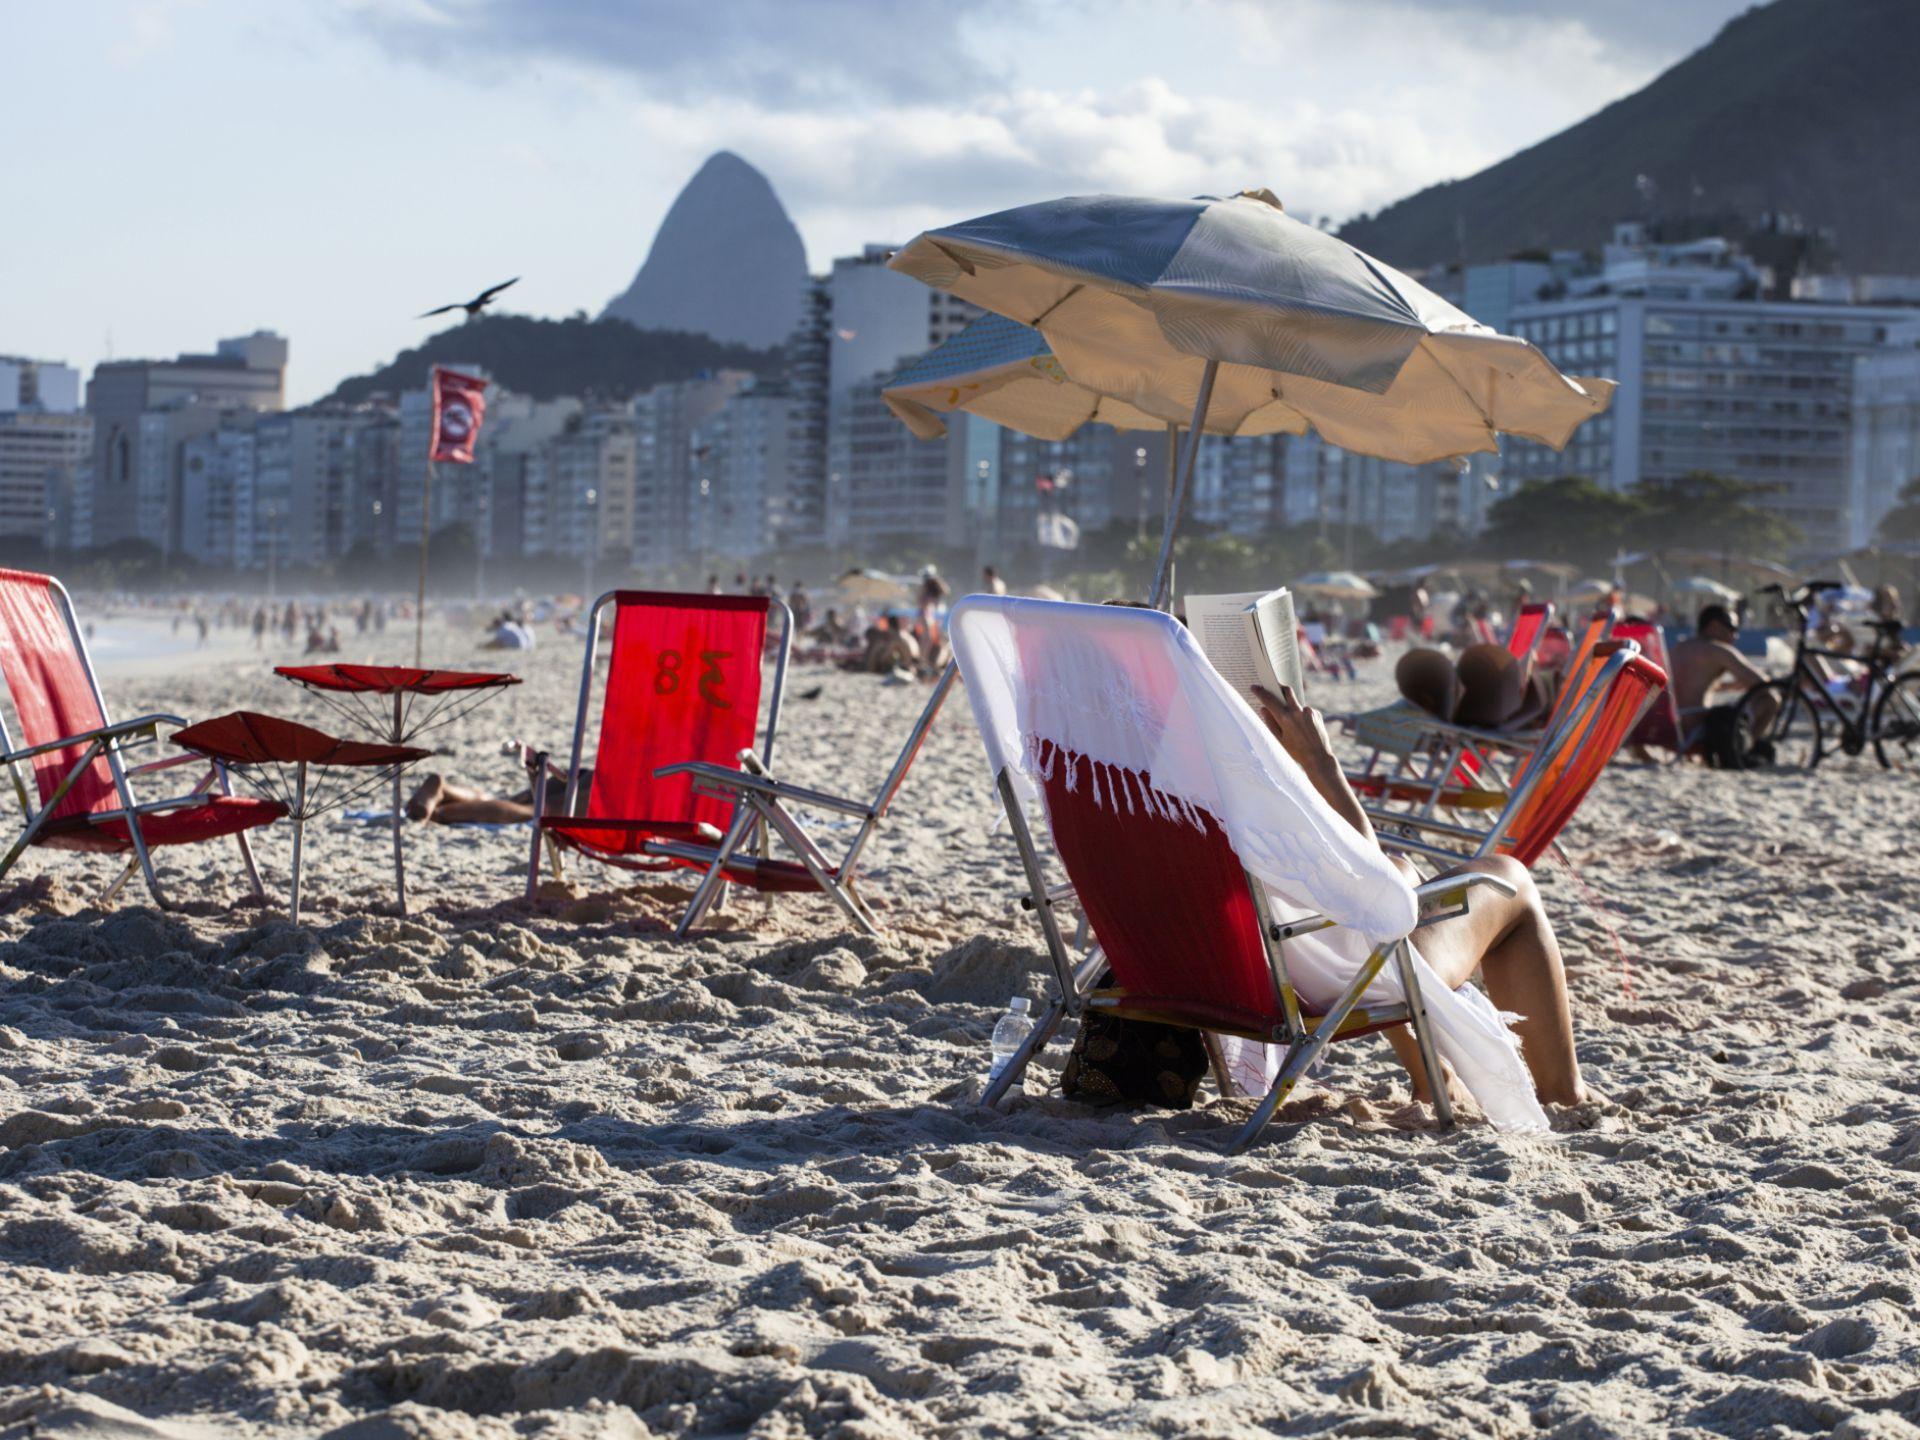 Khám phá brazil qua 45 bức ảnh p2